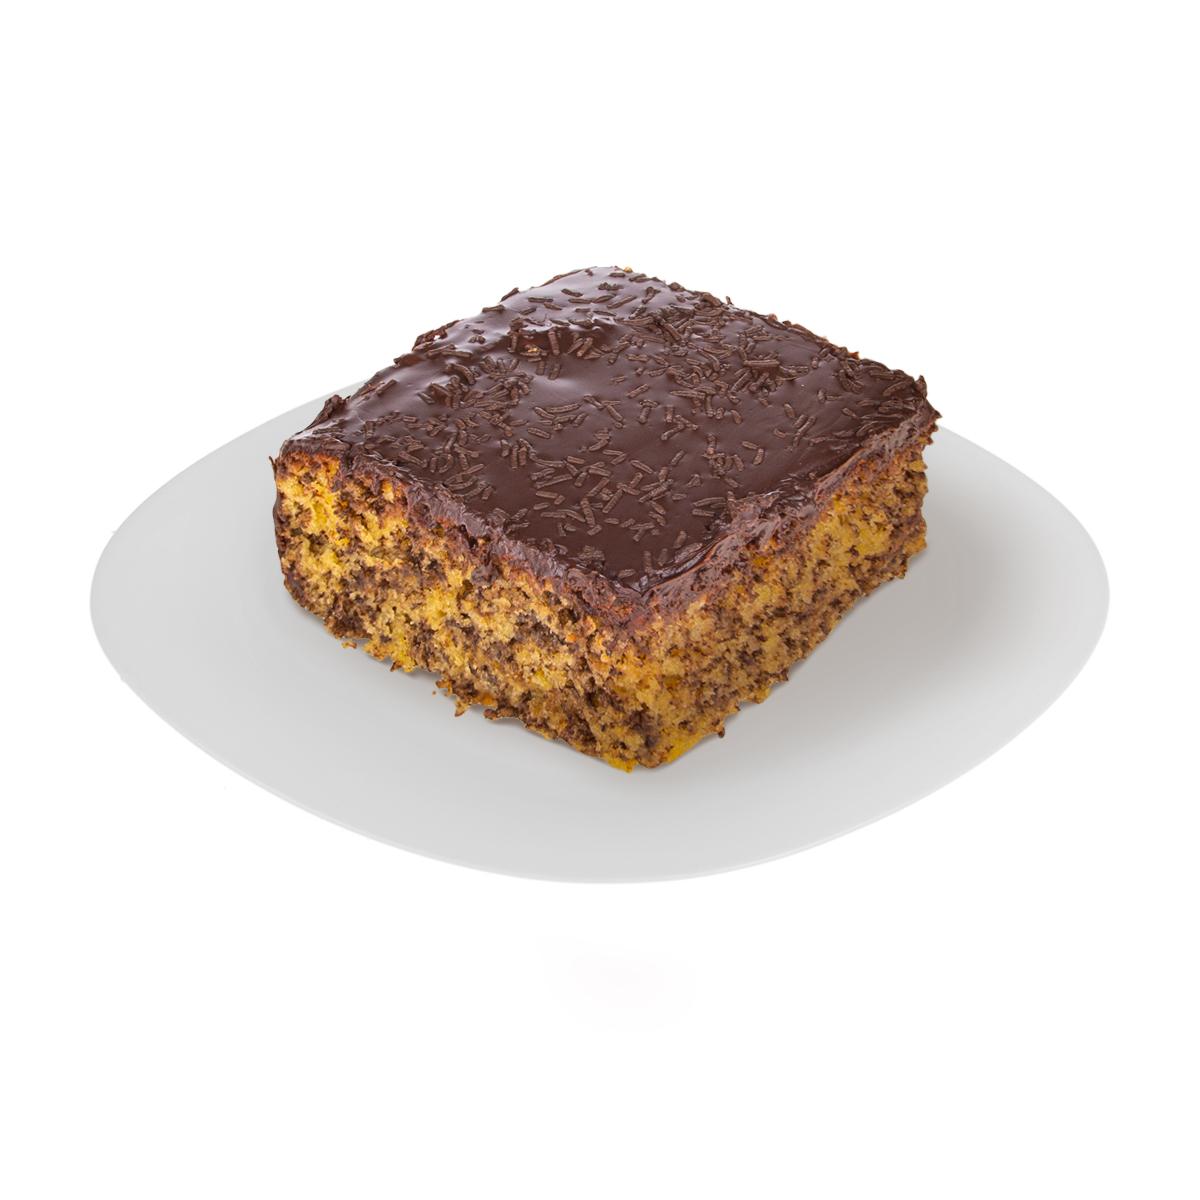 Кекс с шоколадной крошкой